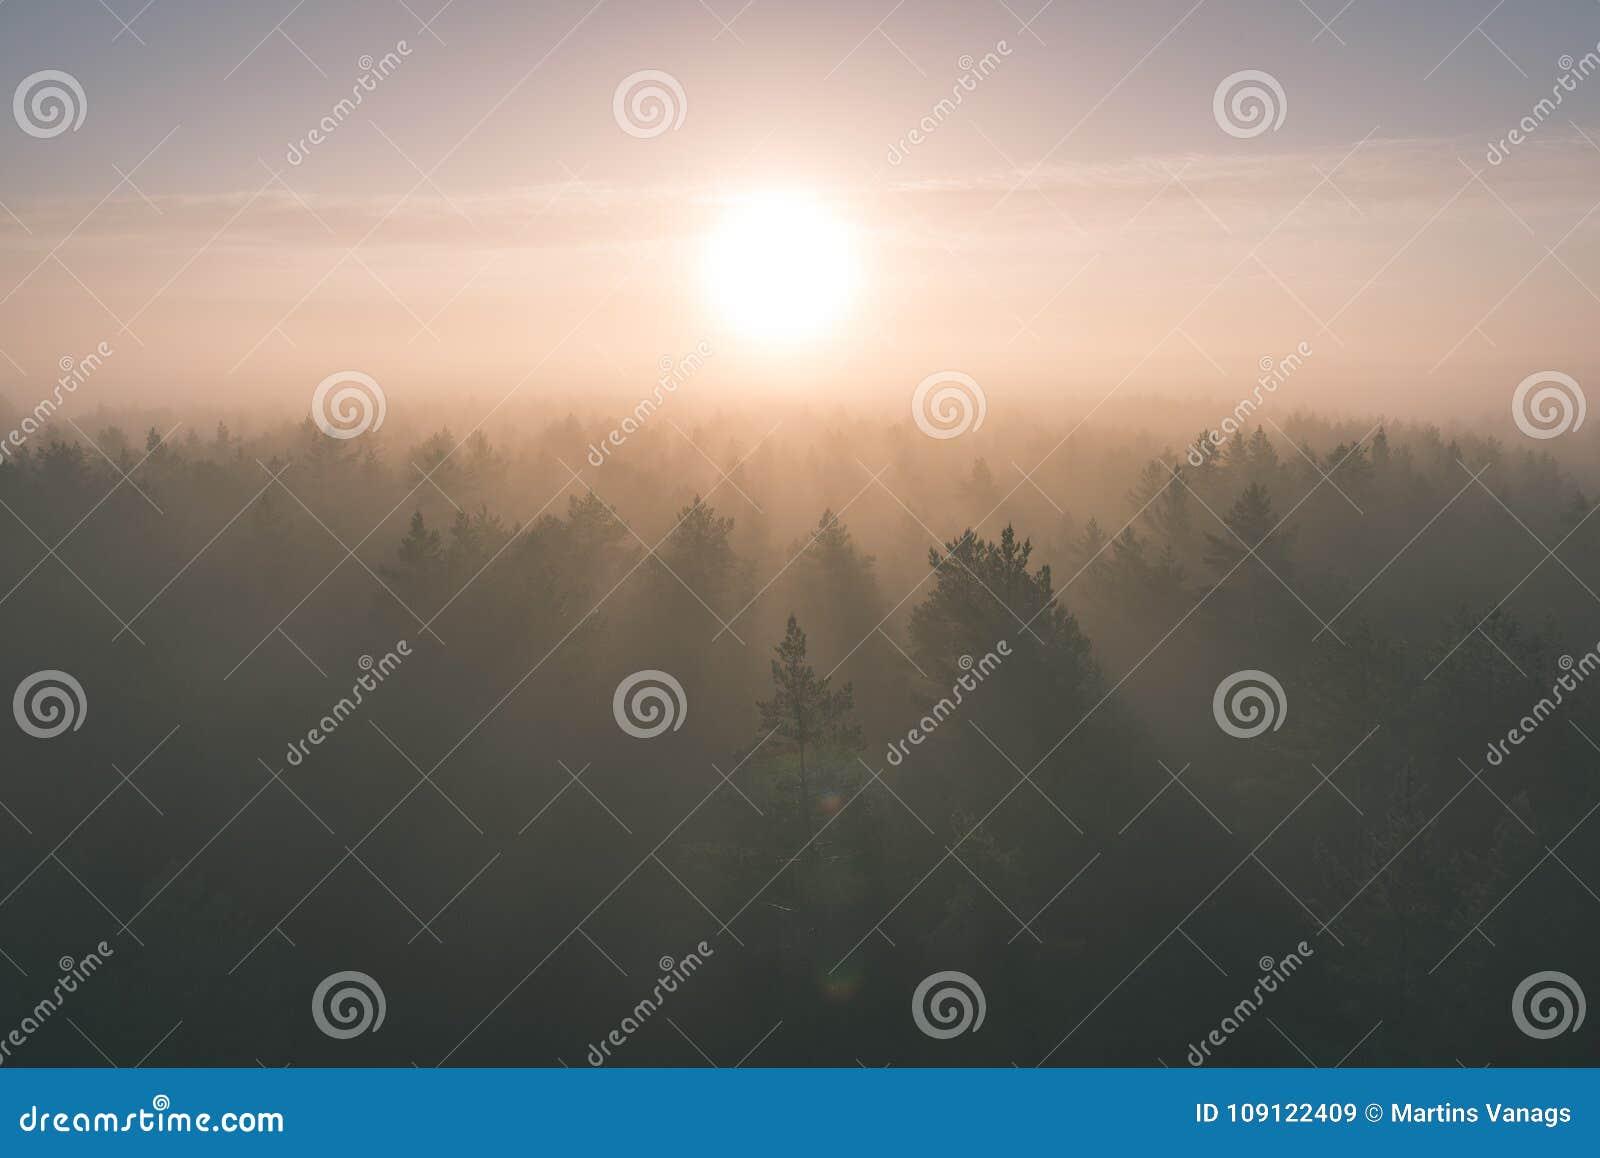 Panoramiczny widok mglisty las przy majestatycznym wschodem słońca nad drzewami -